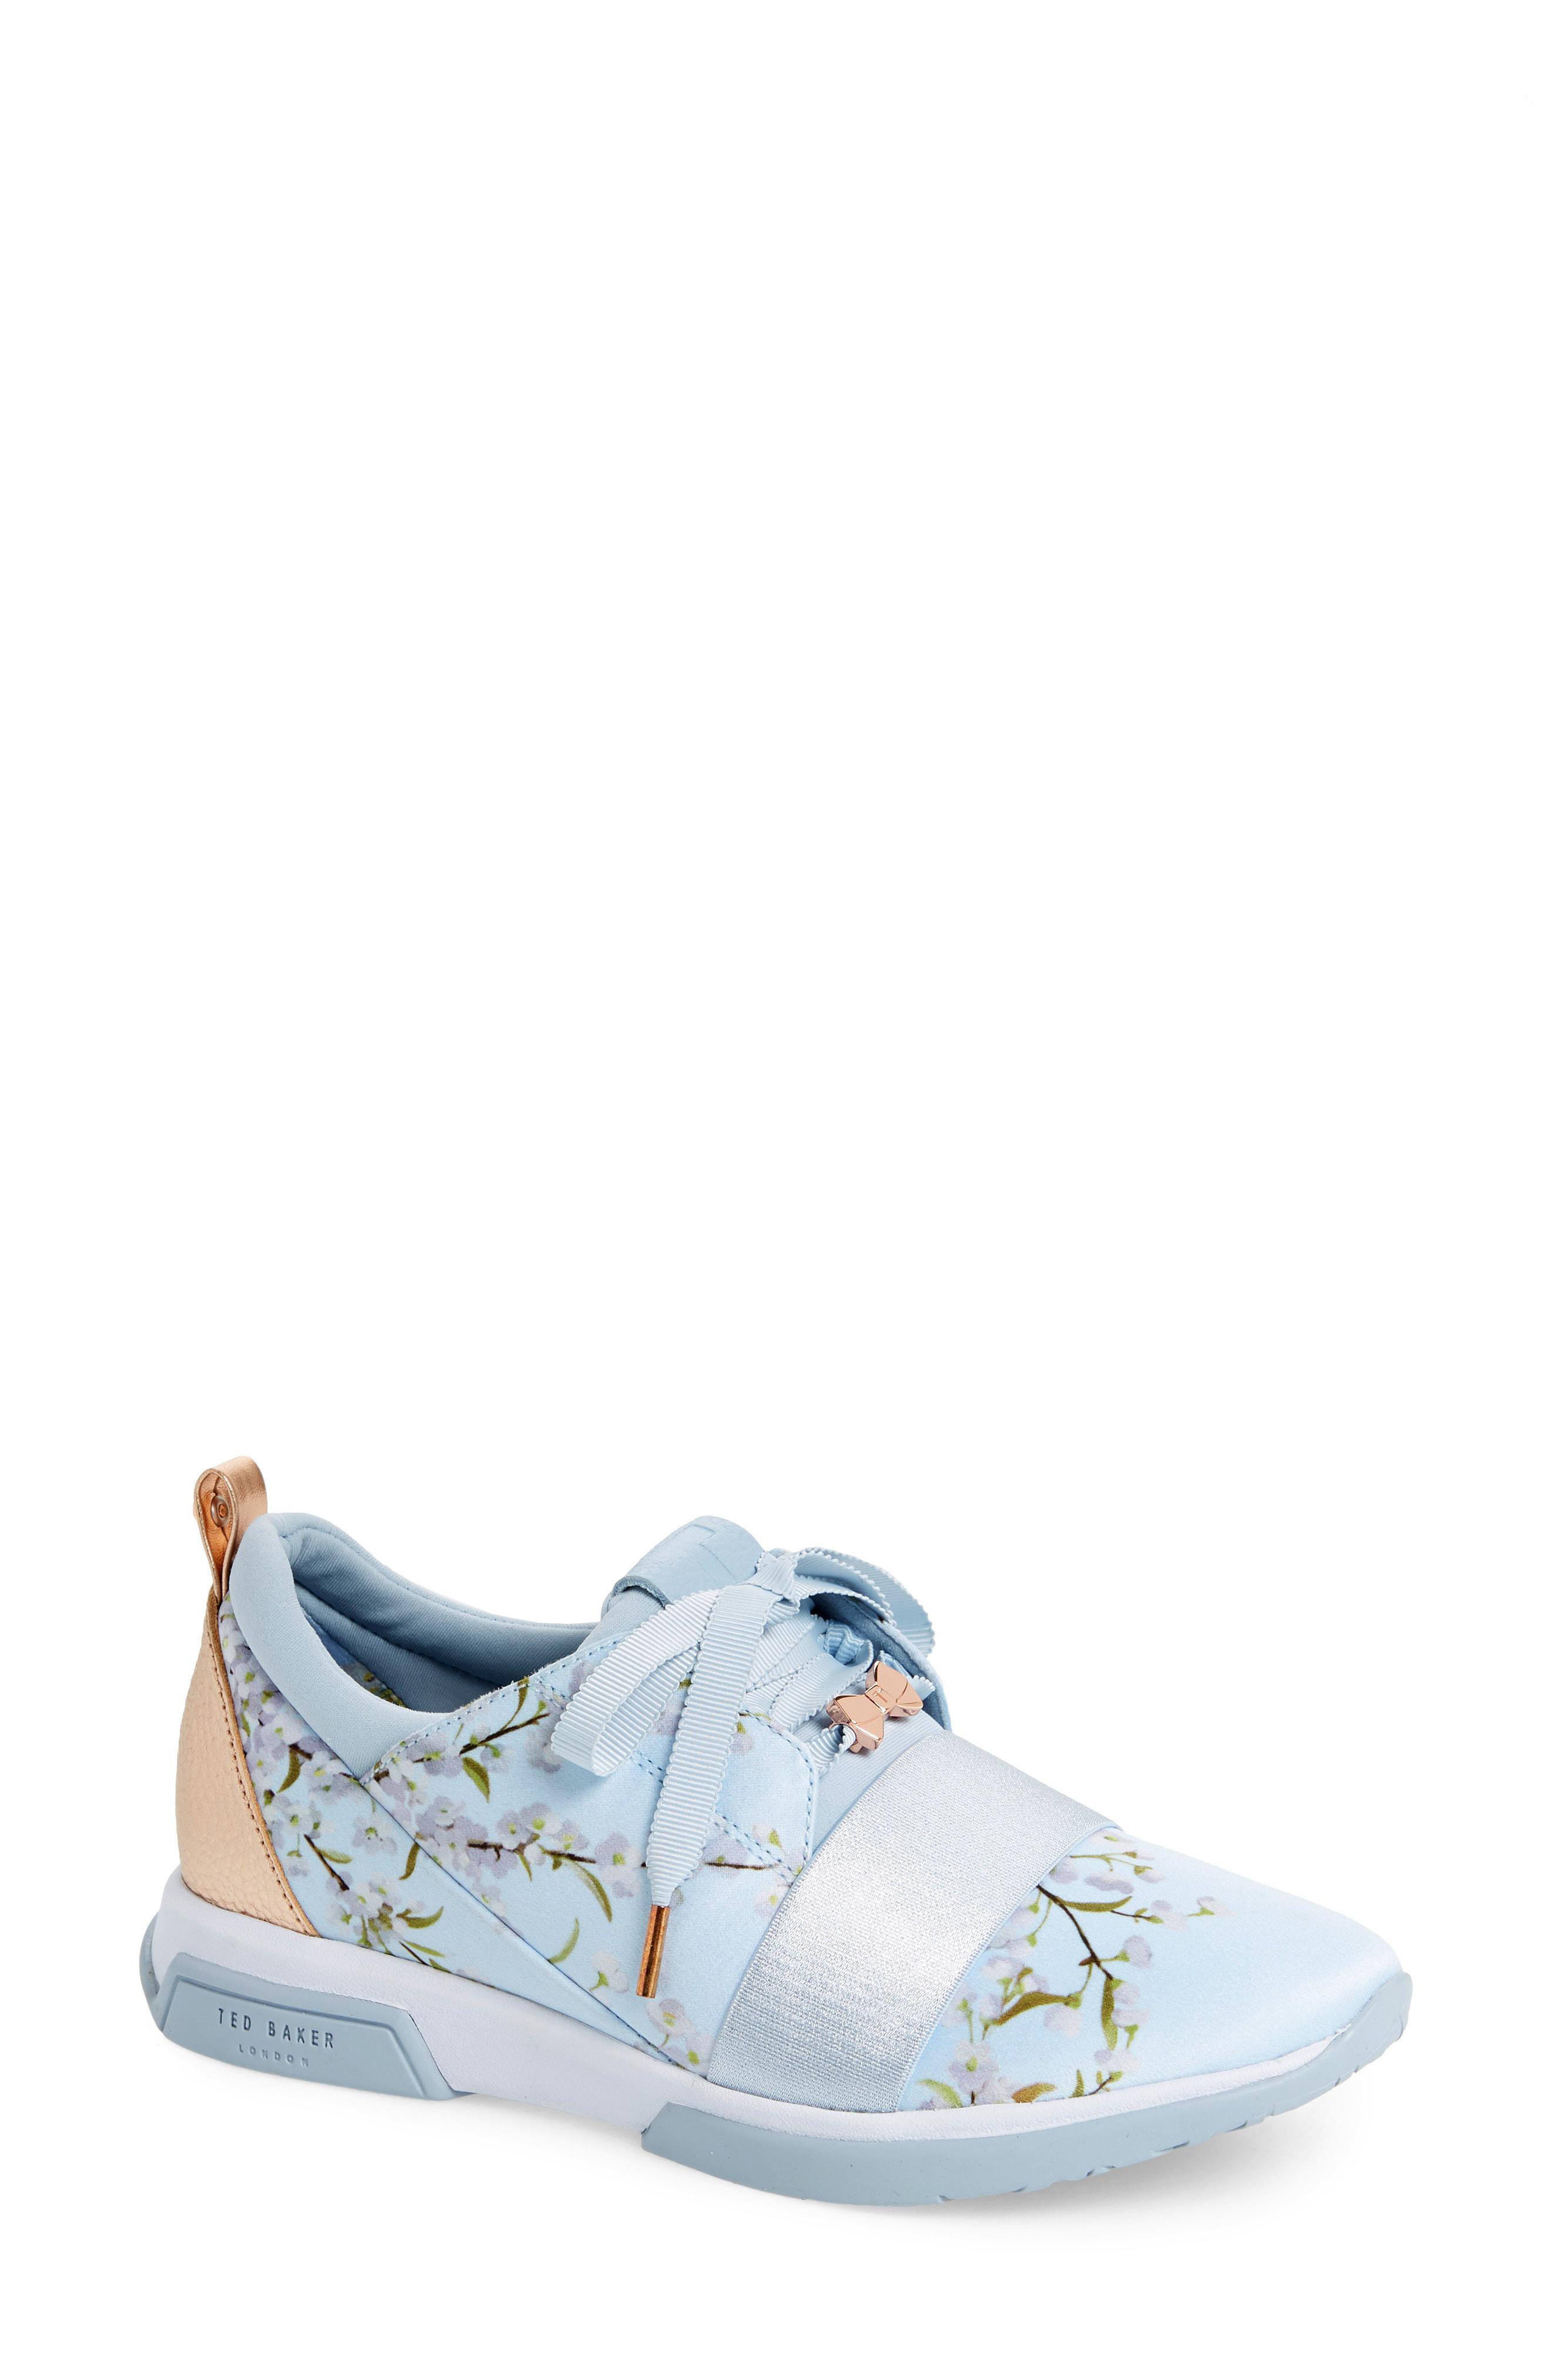 55e7a8c14eccfa Lyst - Ted Baker Cepap Floral Sneaker in Blue